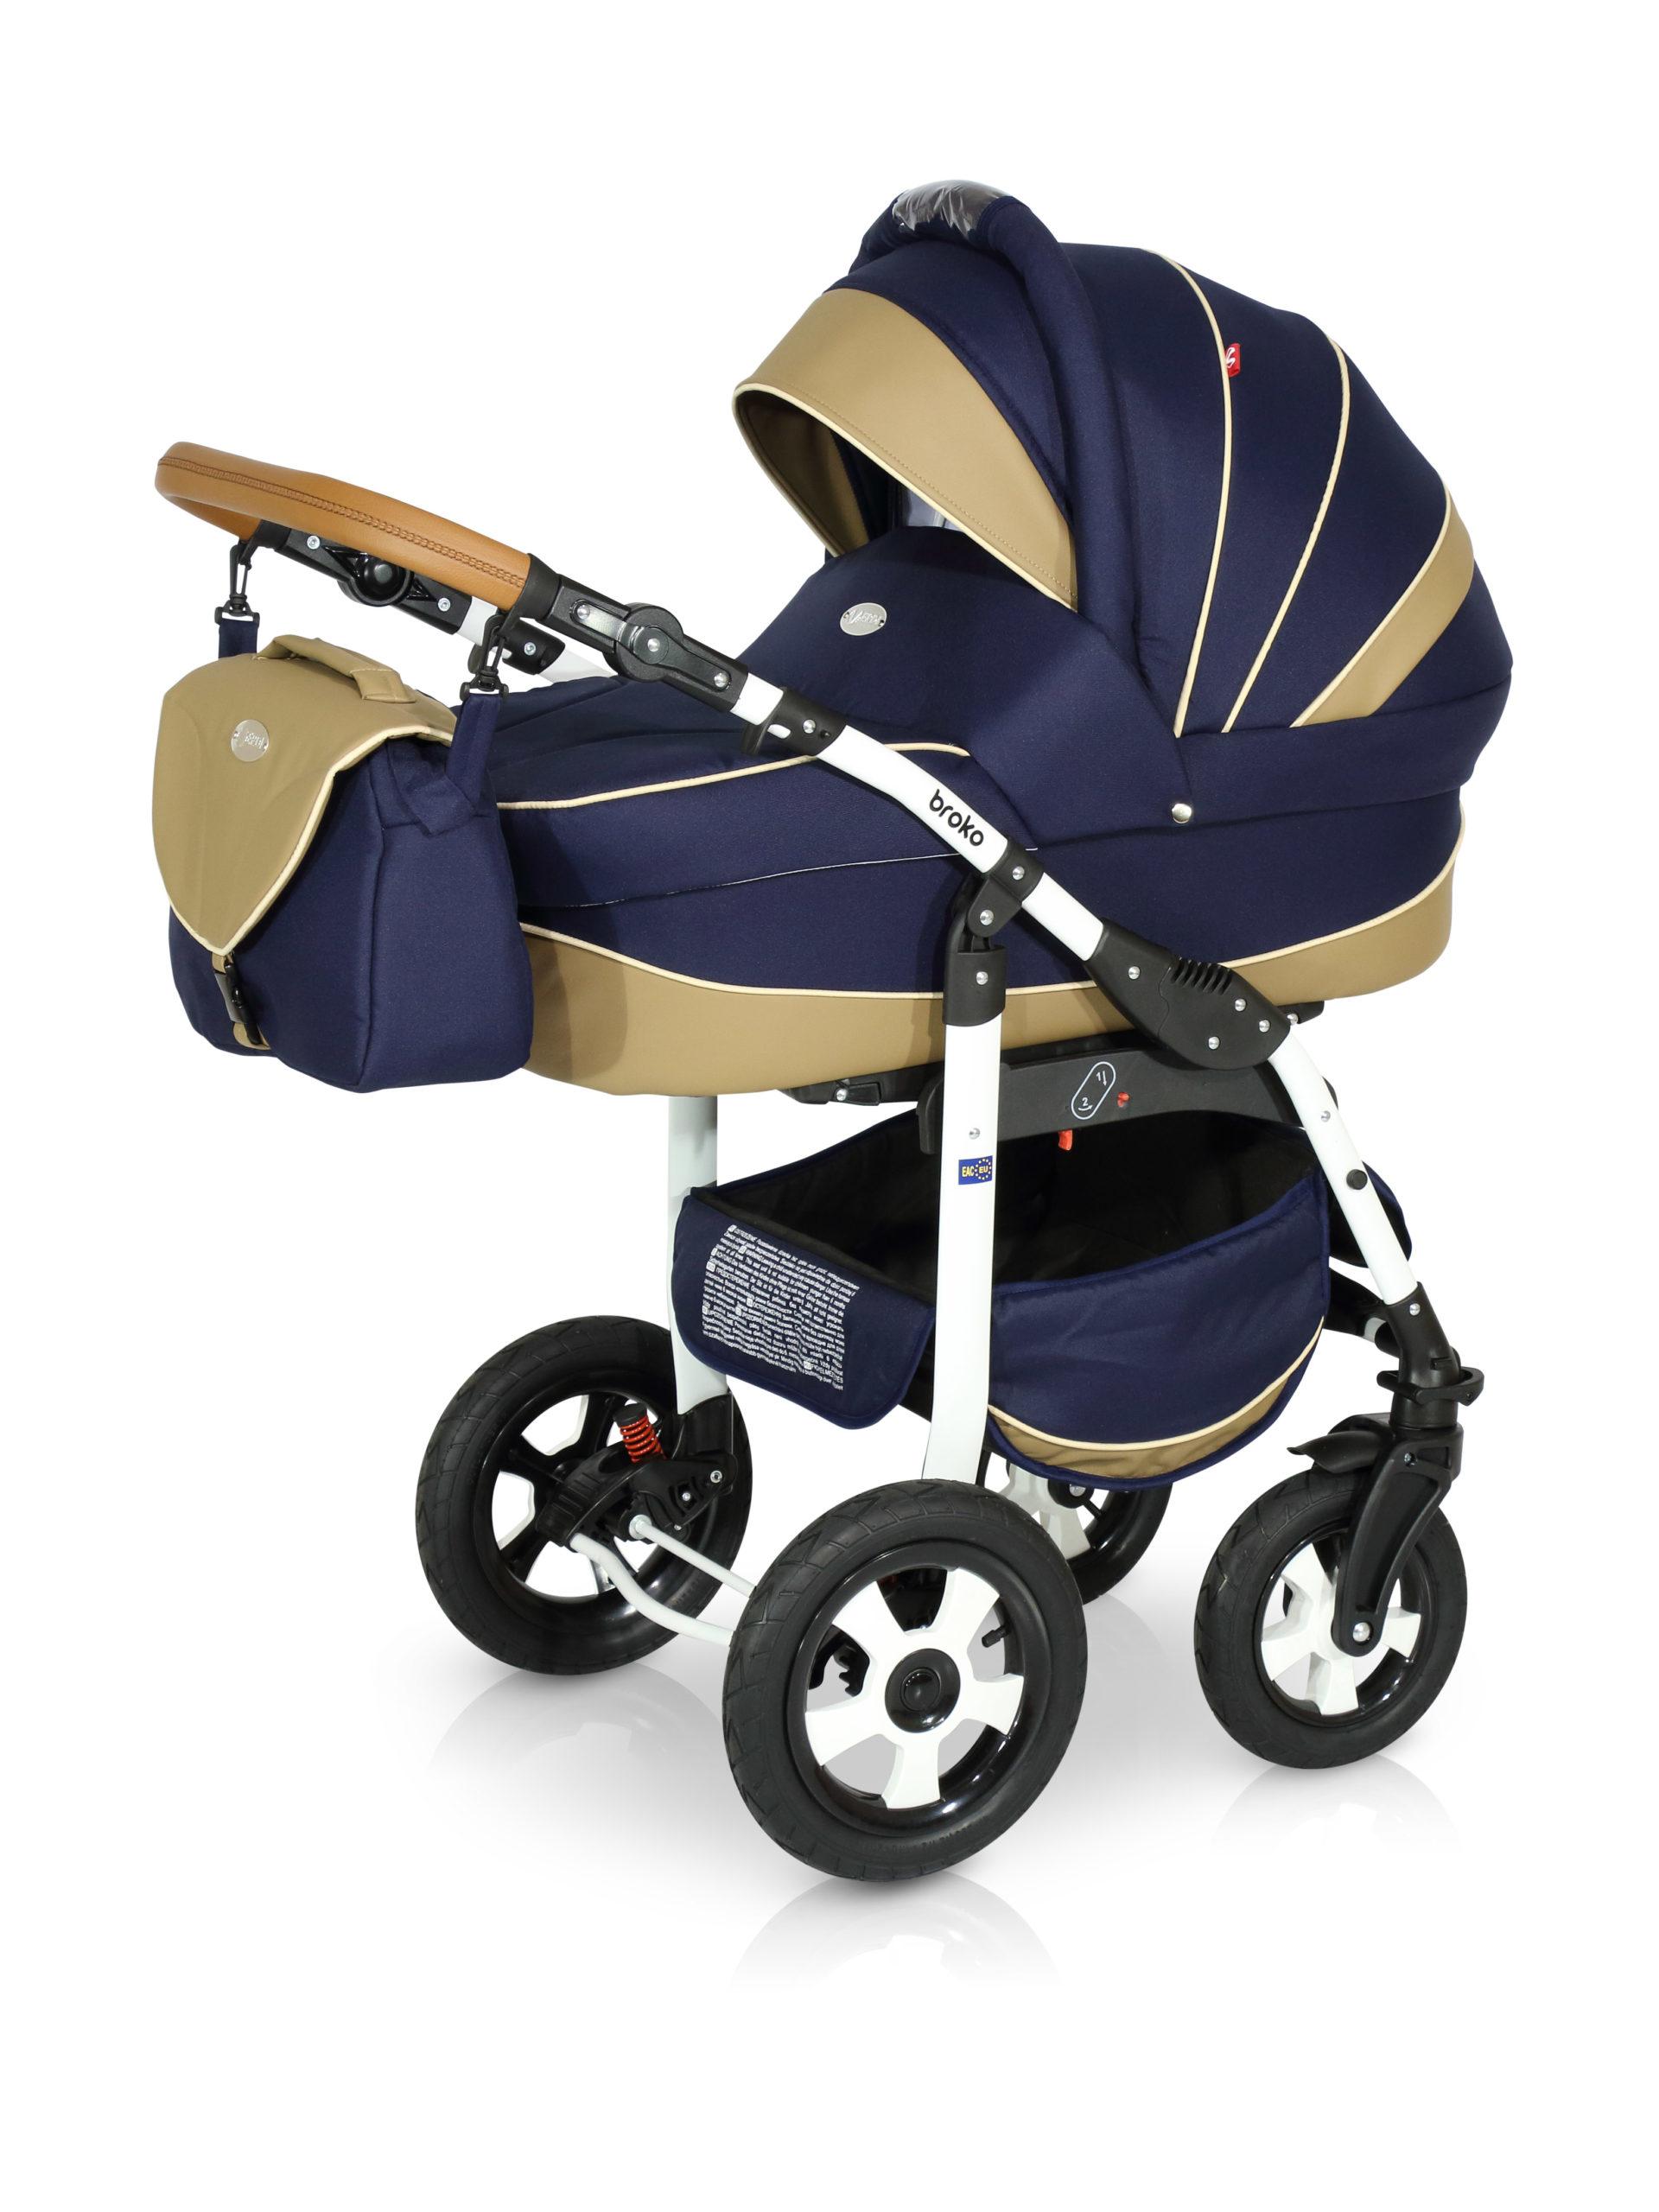 Детская коляска Verdi Broko 3 в 1 (Синий/бежевый)